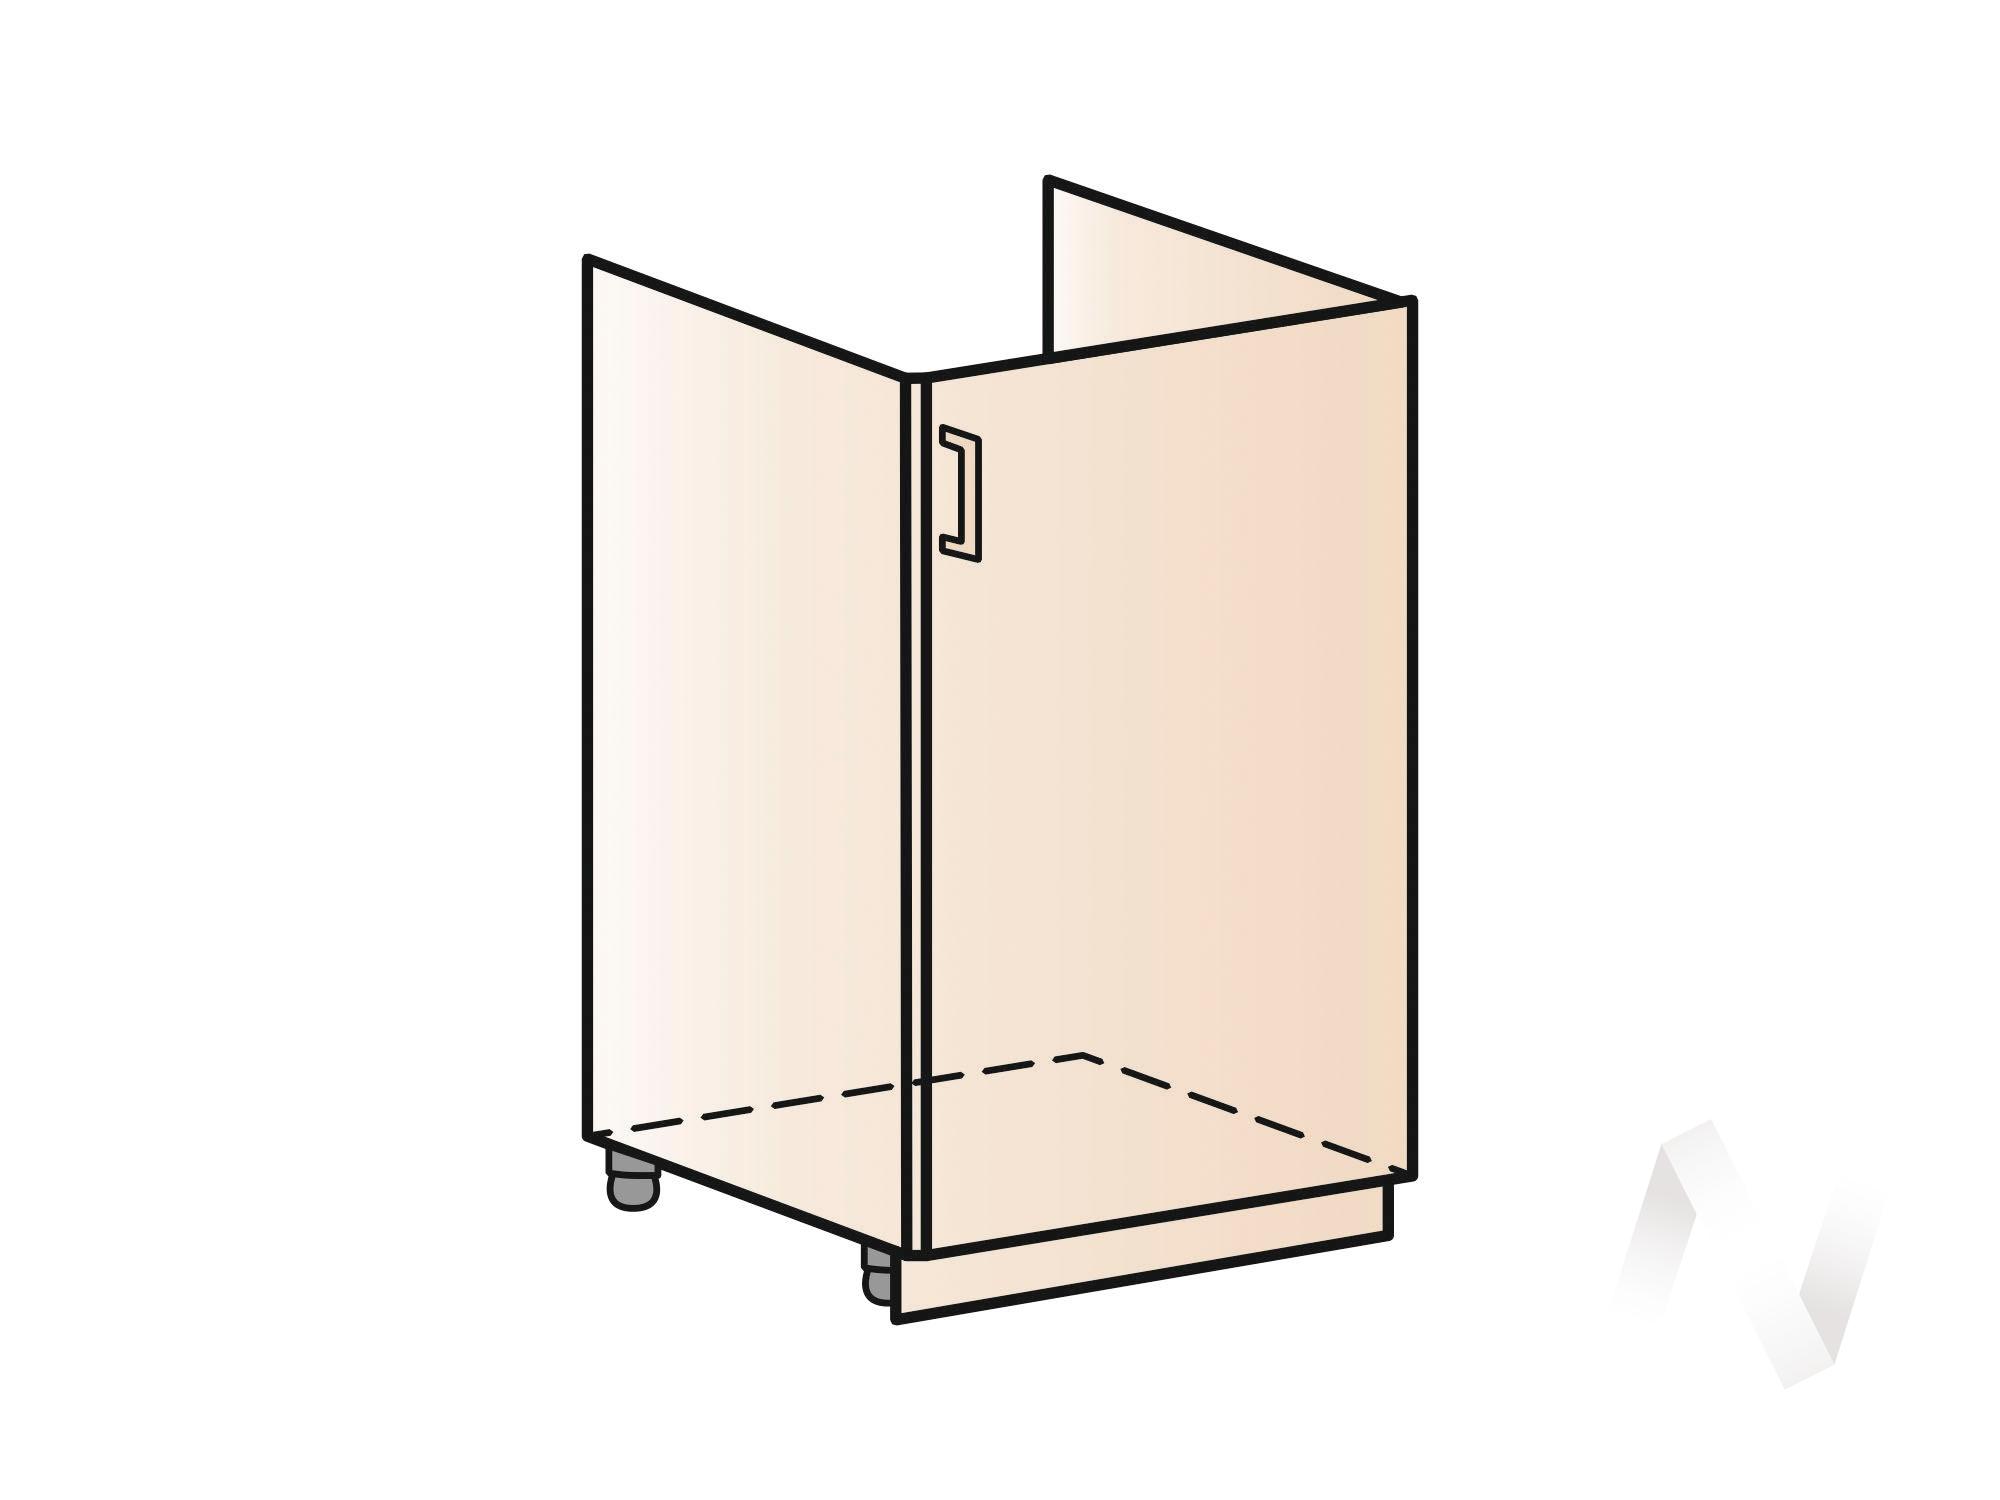 """Купить кухня """"вена"""": шкаф нижний под мойку 500, шнм 500 (корпус белый) в Новосибирске в интернет-магазине Мебель плюс Техника"""